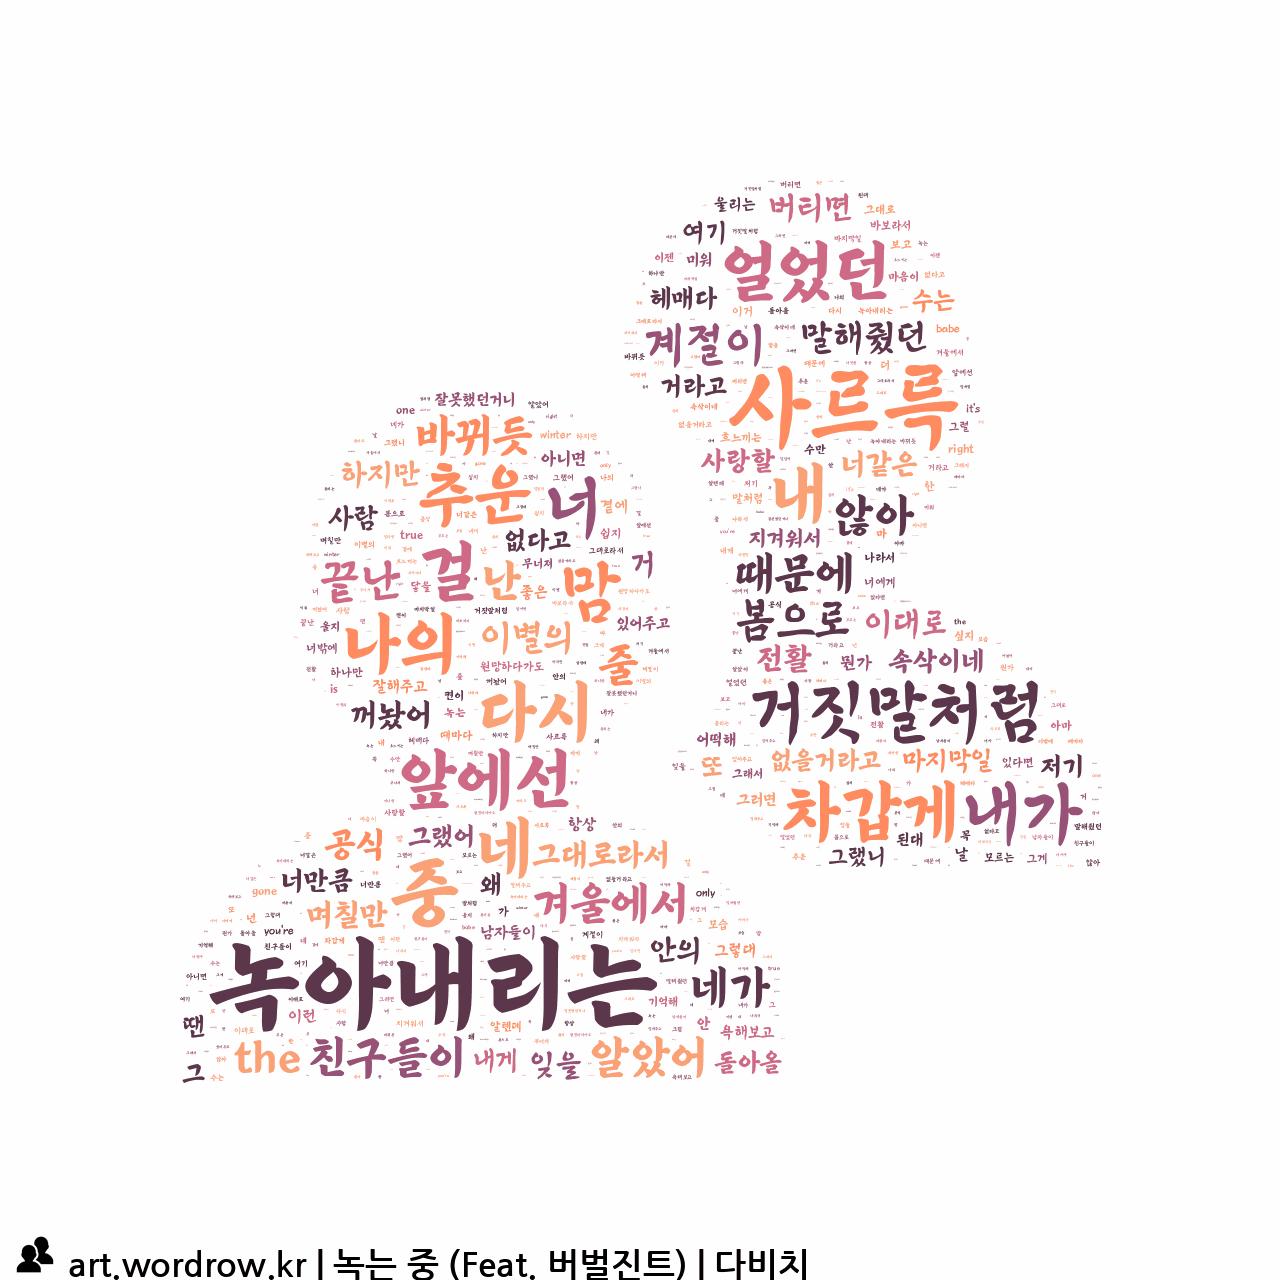 워드 아트: 녹는 중 (Feat. 버벌진트) [다비치]-14